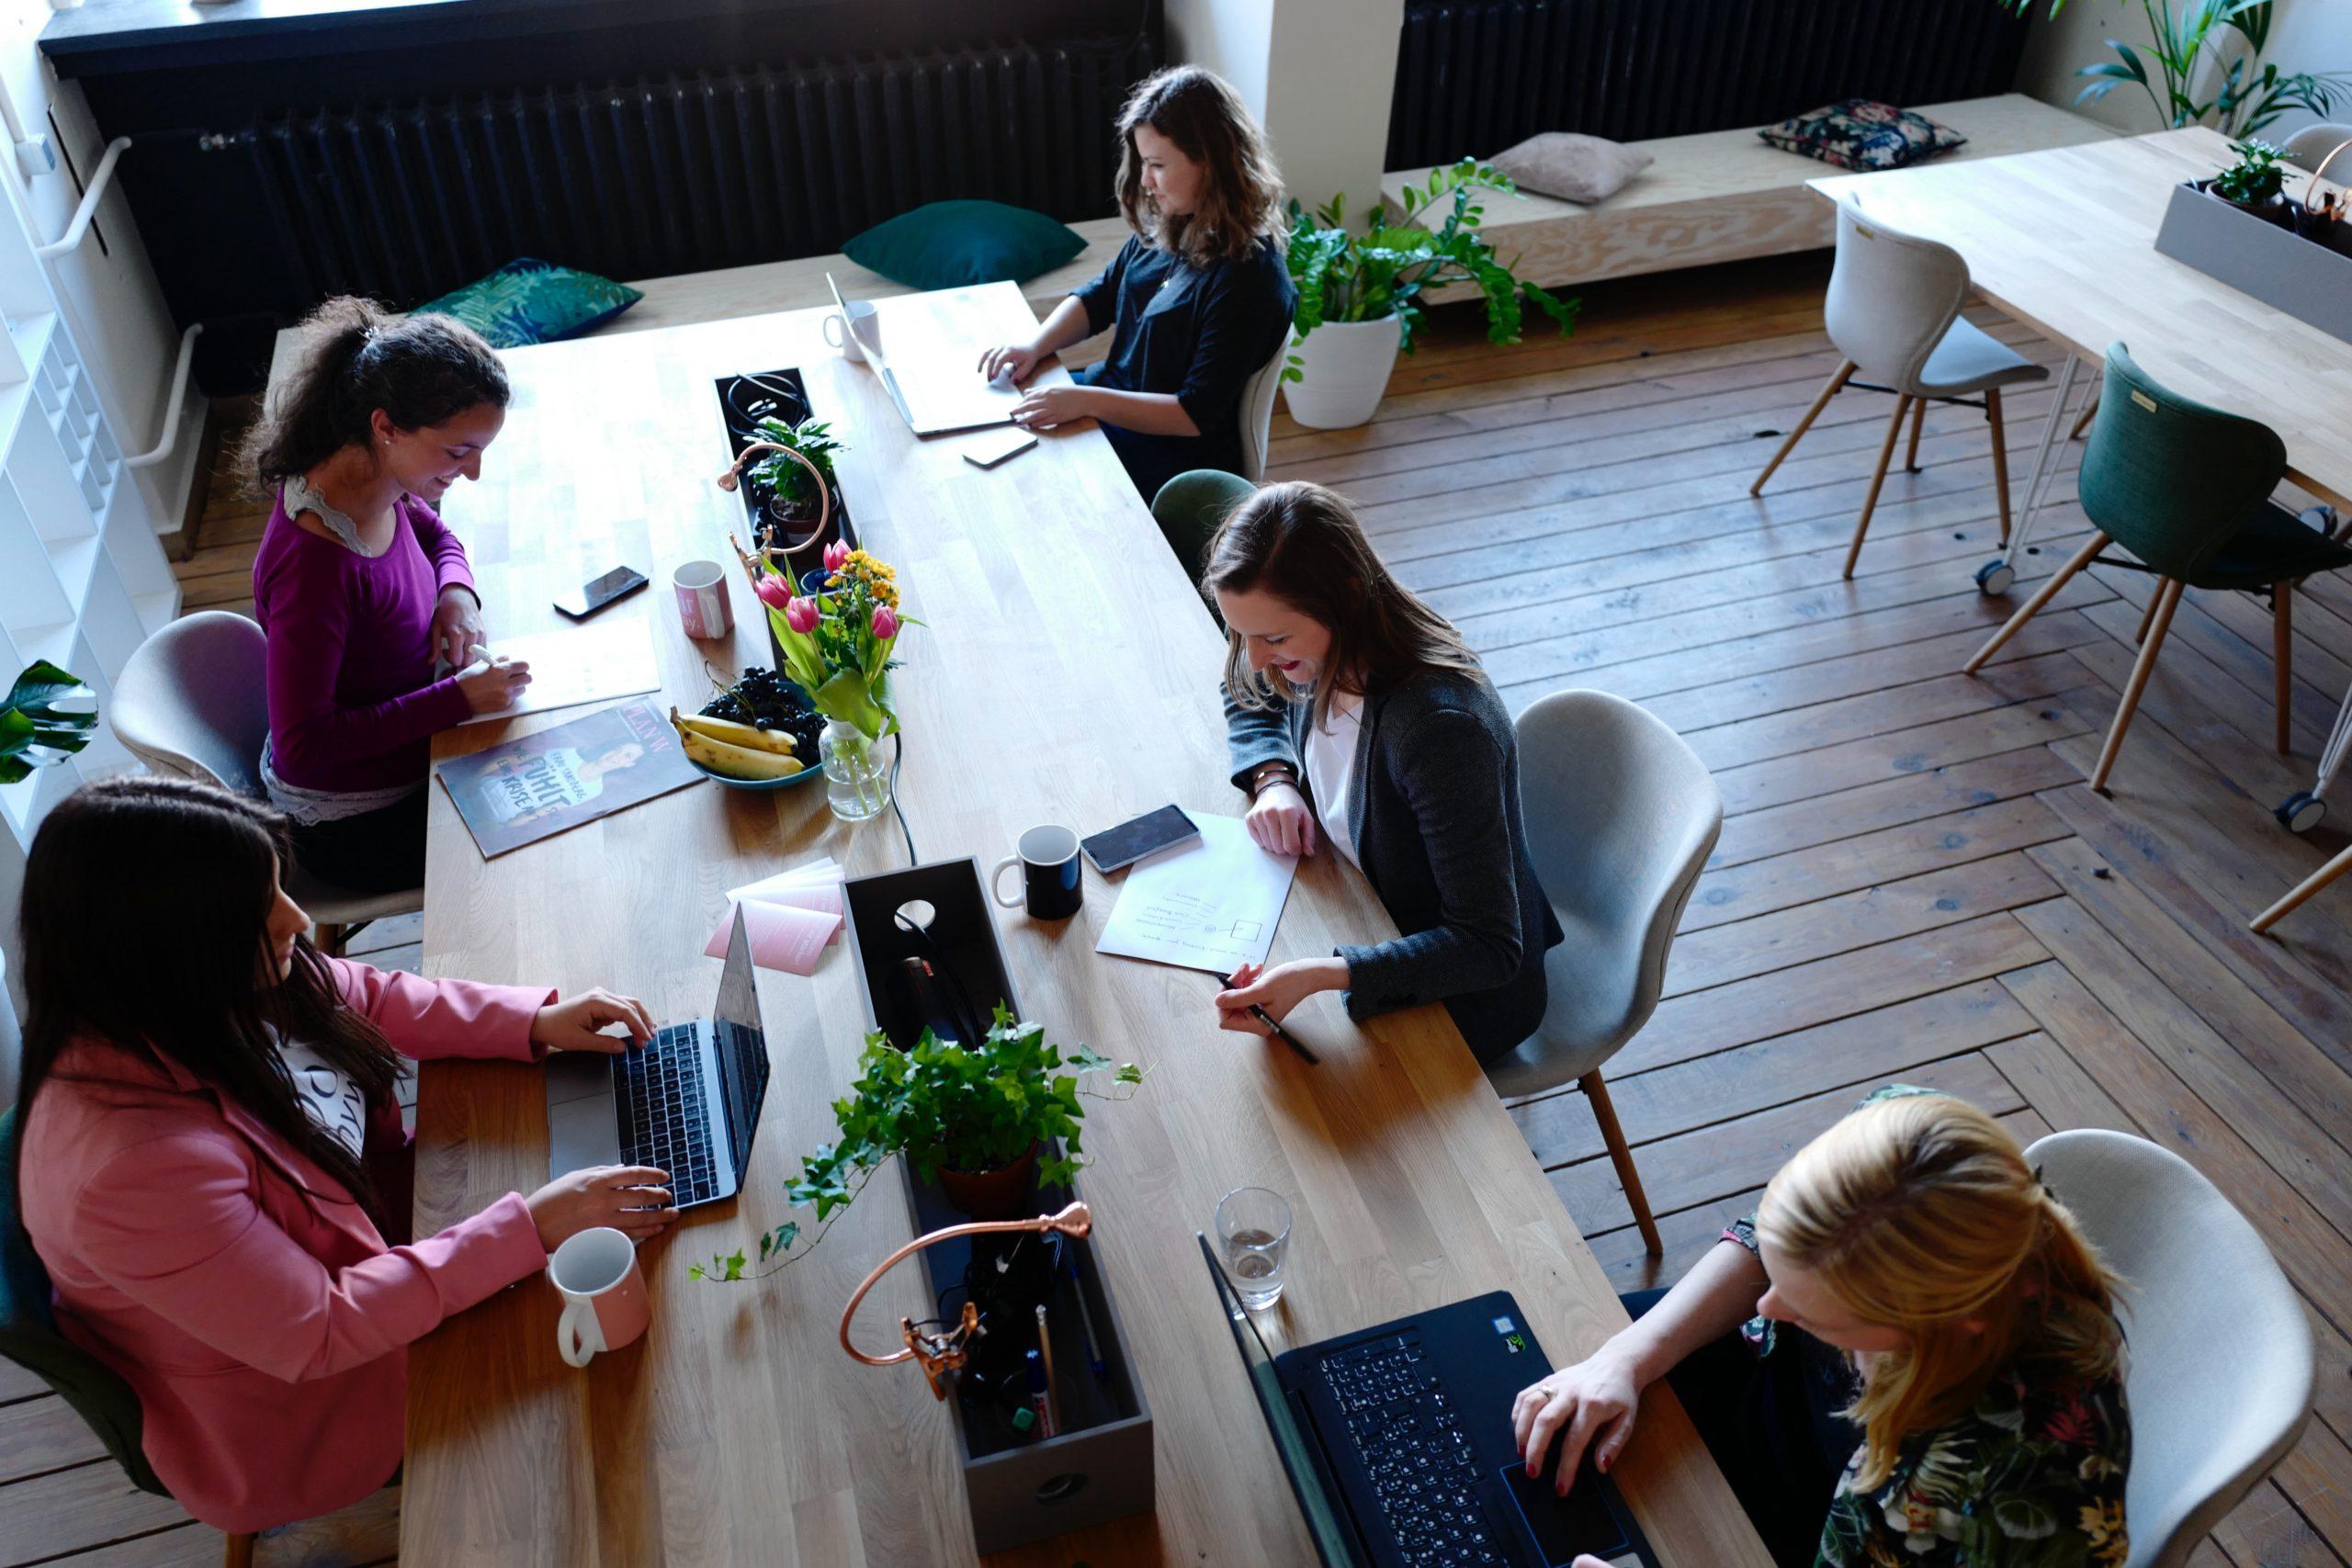 Rompiendo barreras: Mujeres en tecnología